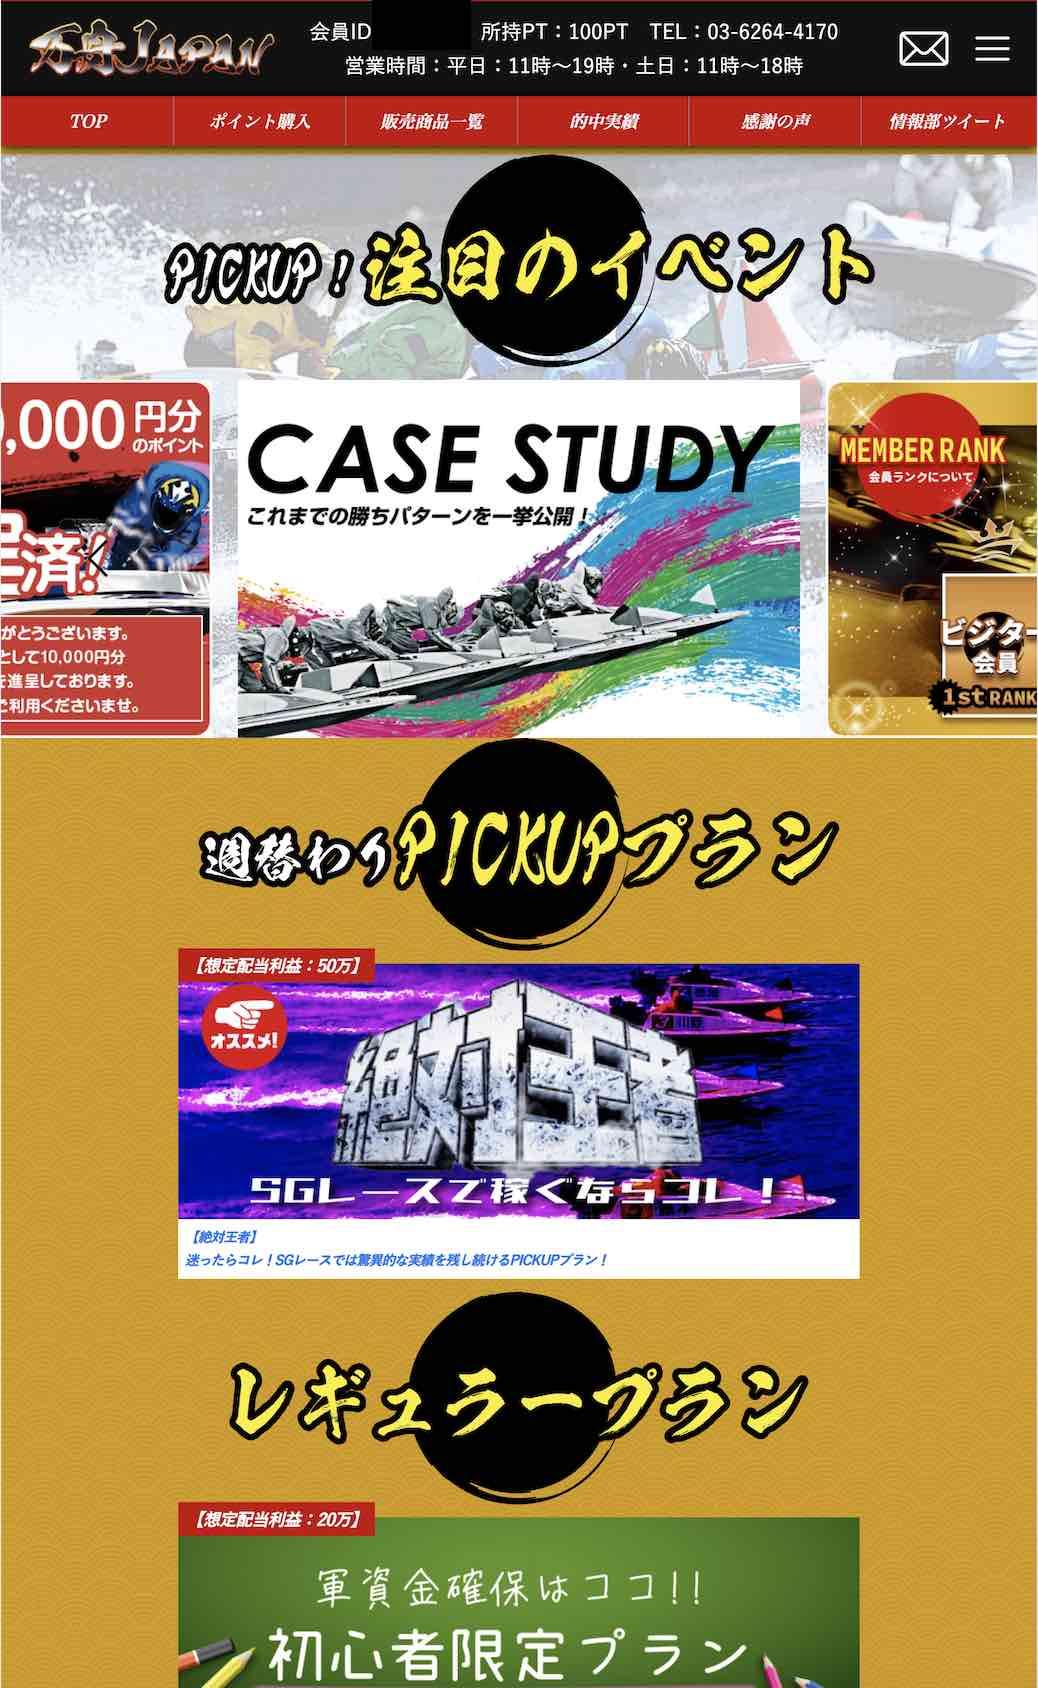 万舟JAPAN(万舟ジャパン)という競艇予想サイト(ボートレース予想サイト)の会員ページ